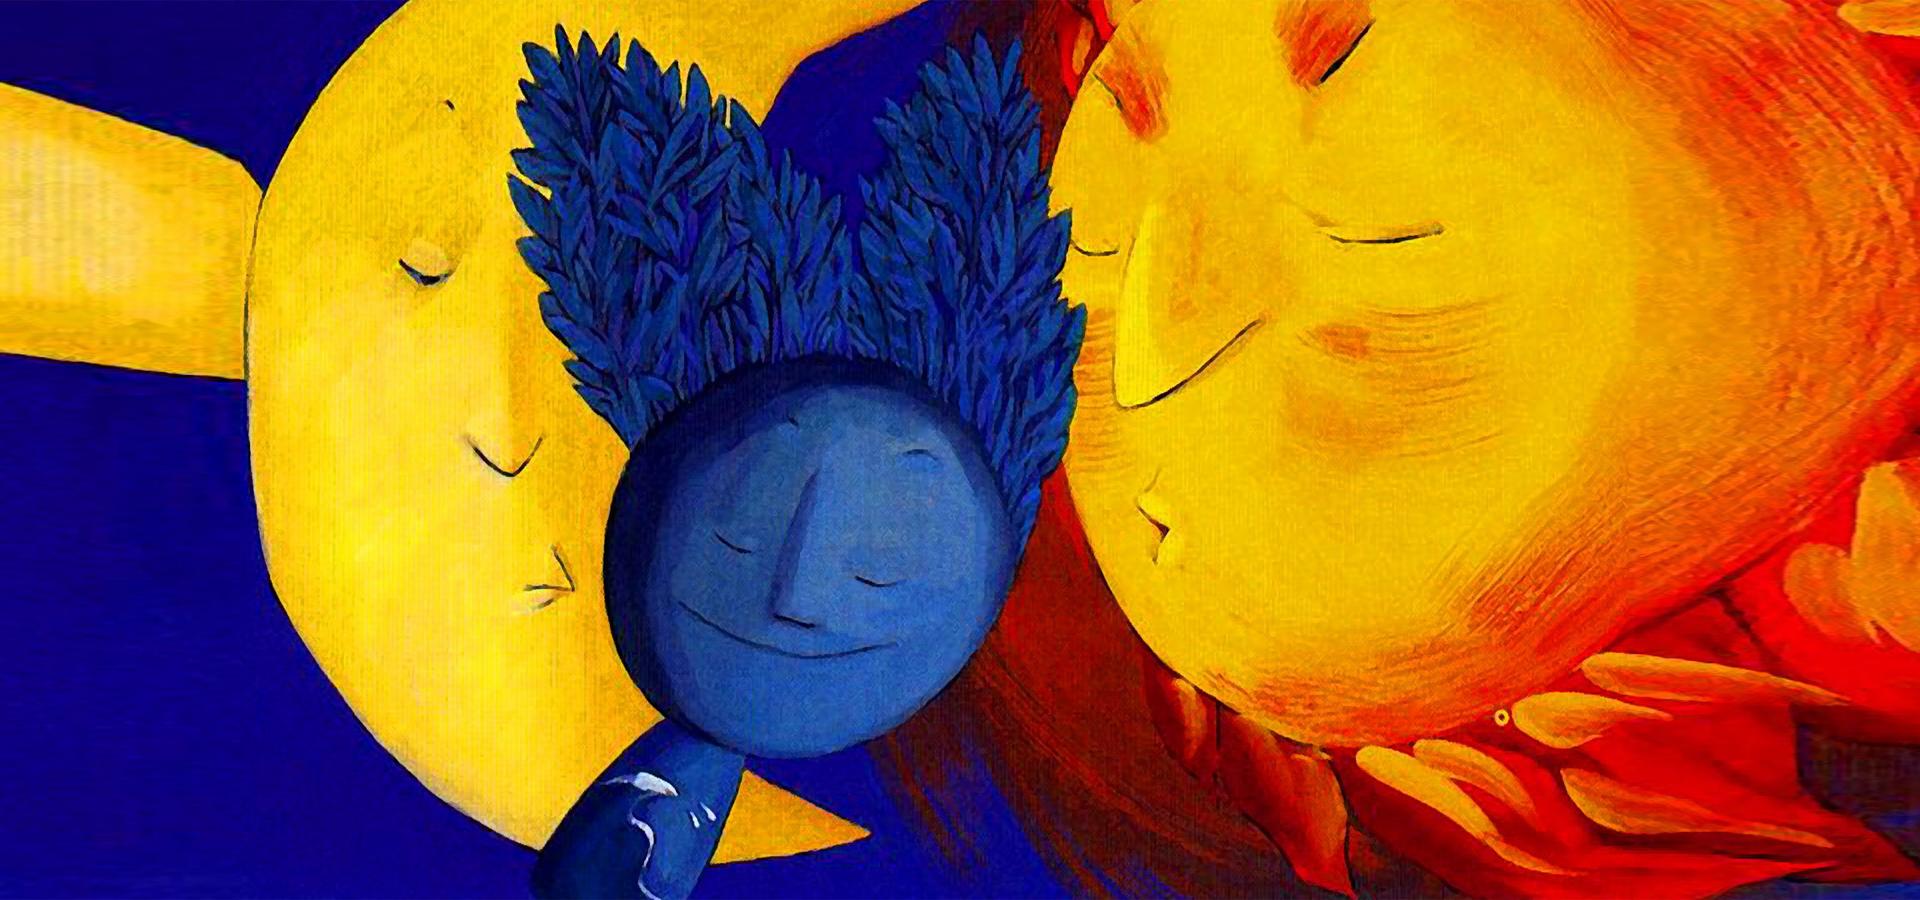 Fondo De Fiesta Diseño Decoracion Confeti Arte Patrón: Almohada Cojin Diseño Arte Fondo, Decoracion, Patrón